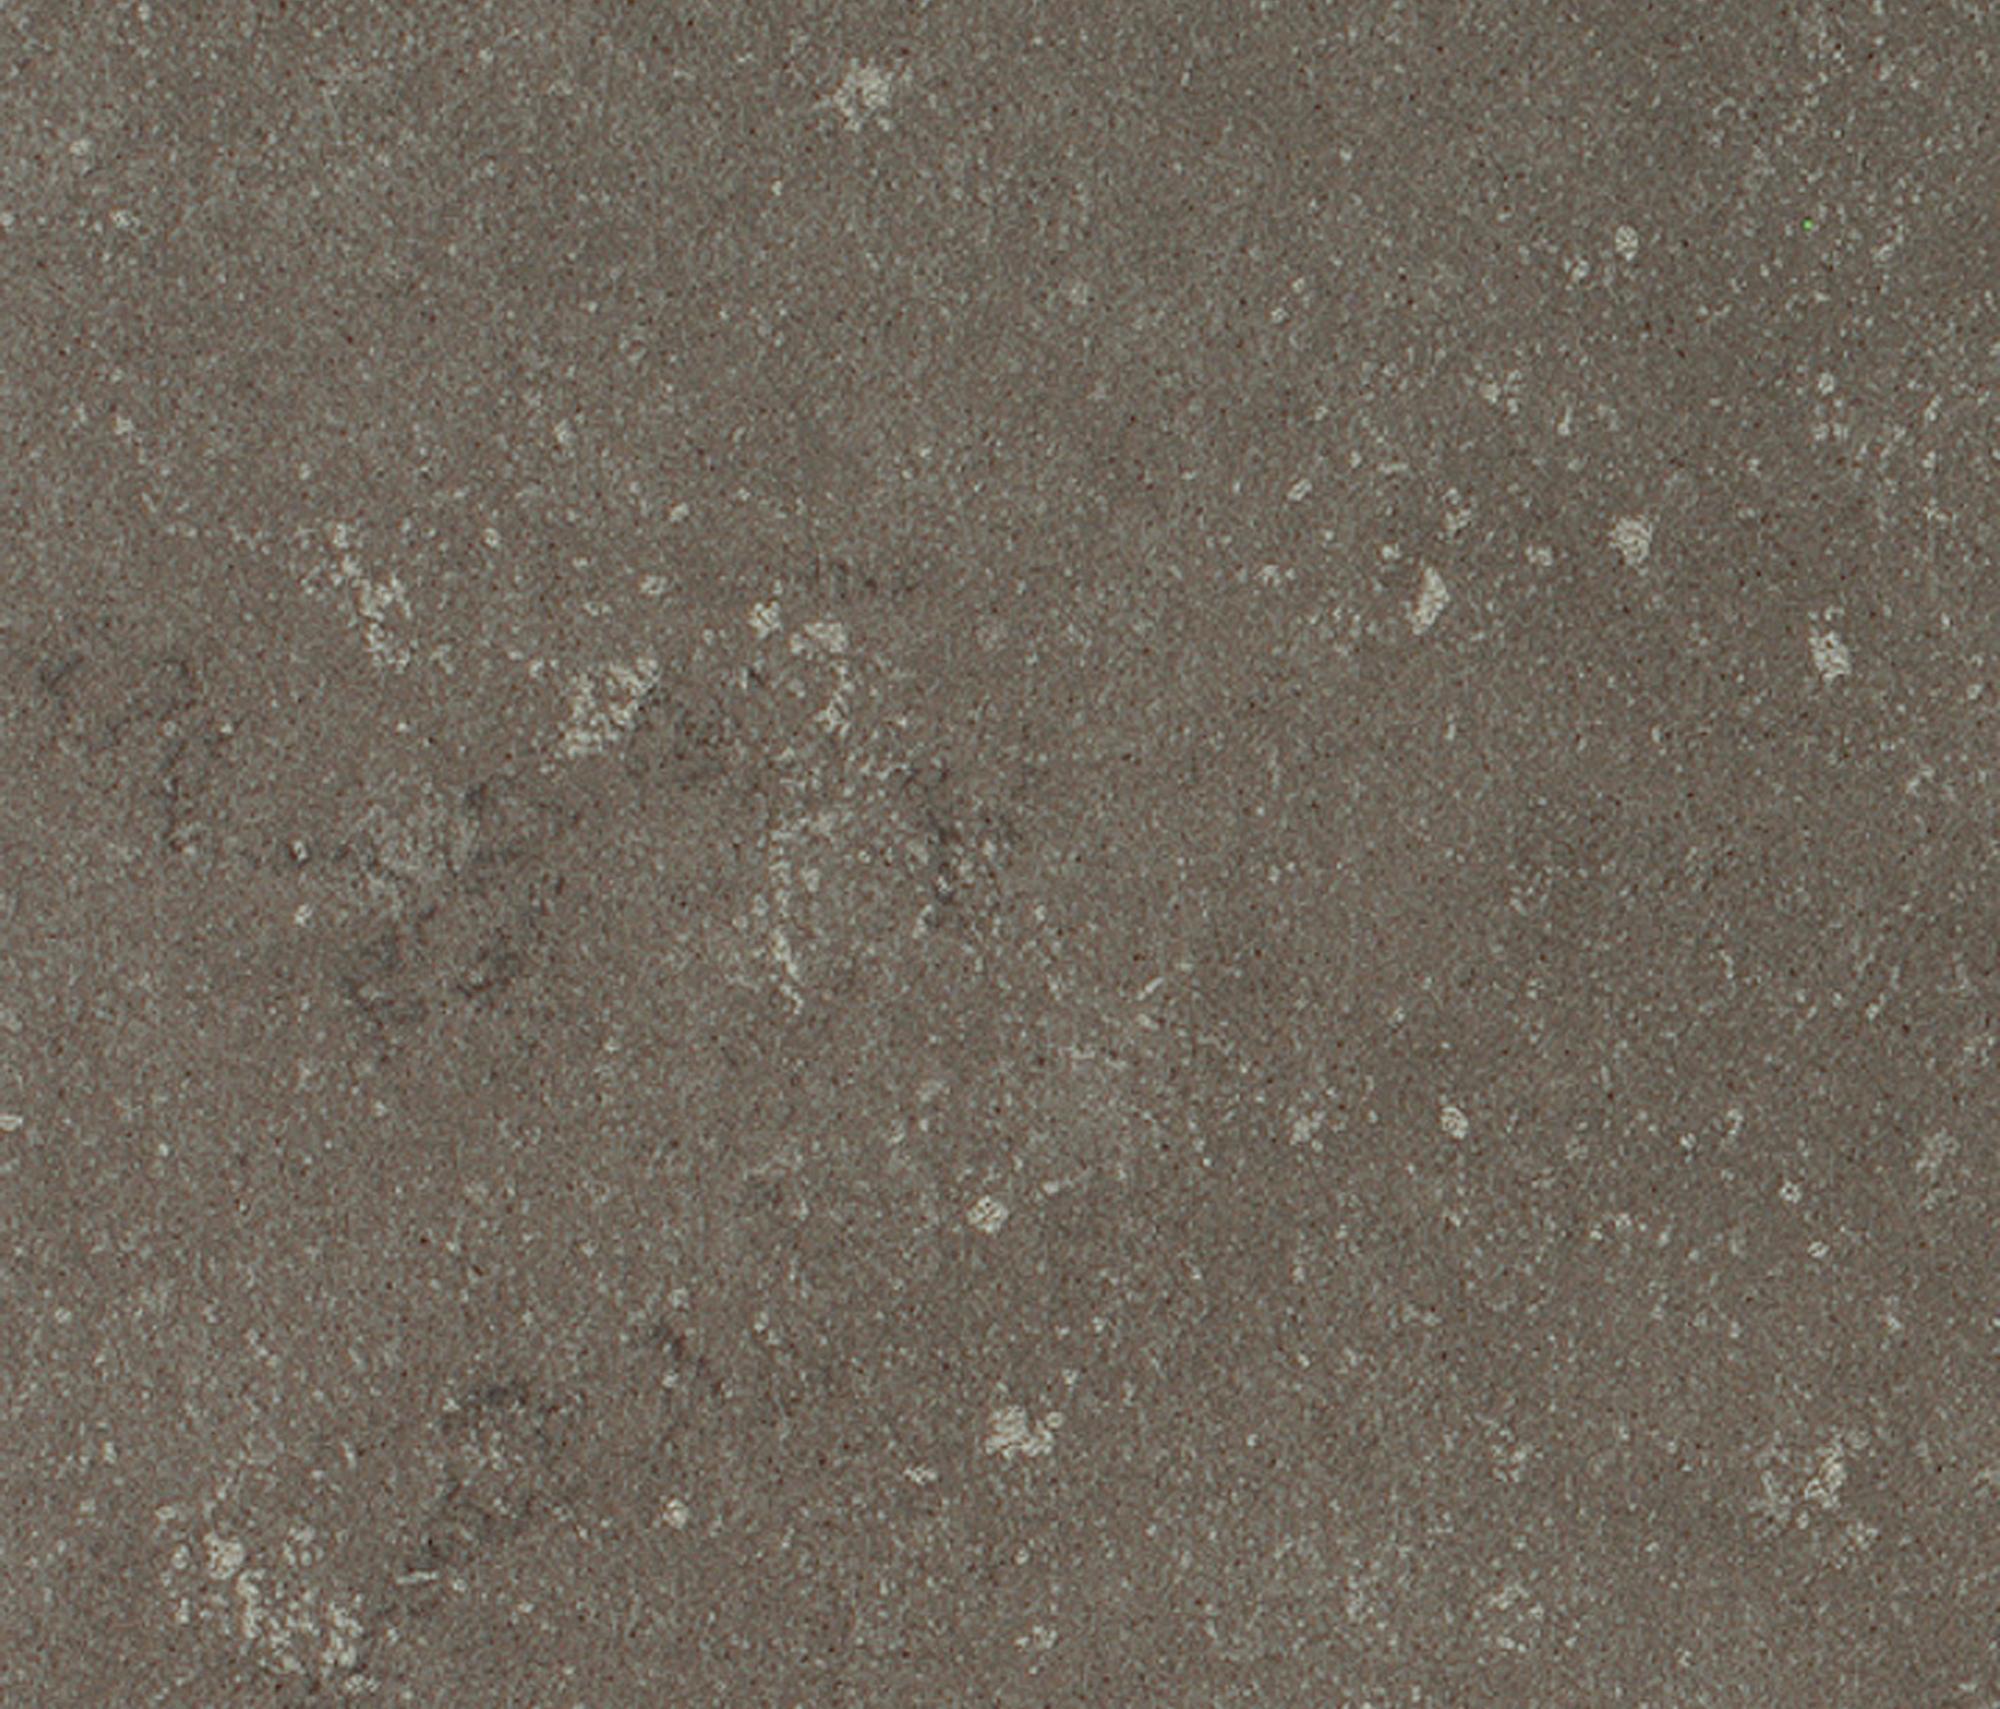 Buxy cendre carrelage pour sol de cotto d 39 este for Carrelage cotto d este prix